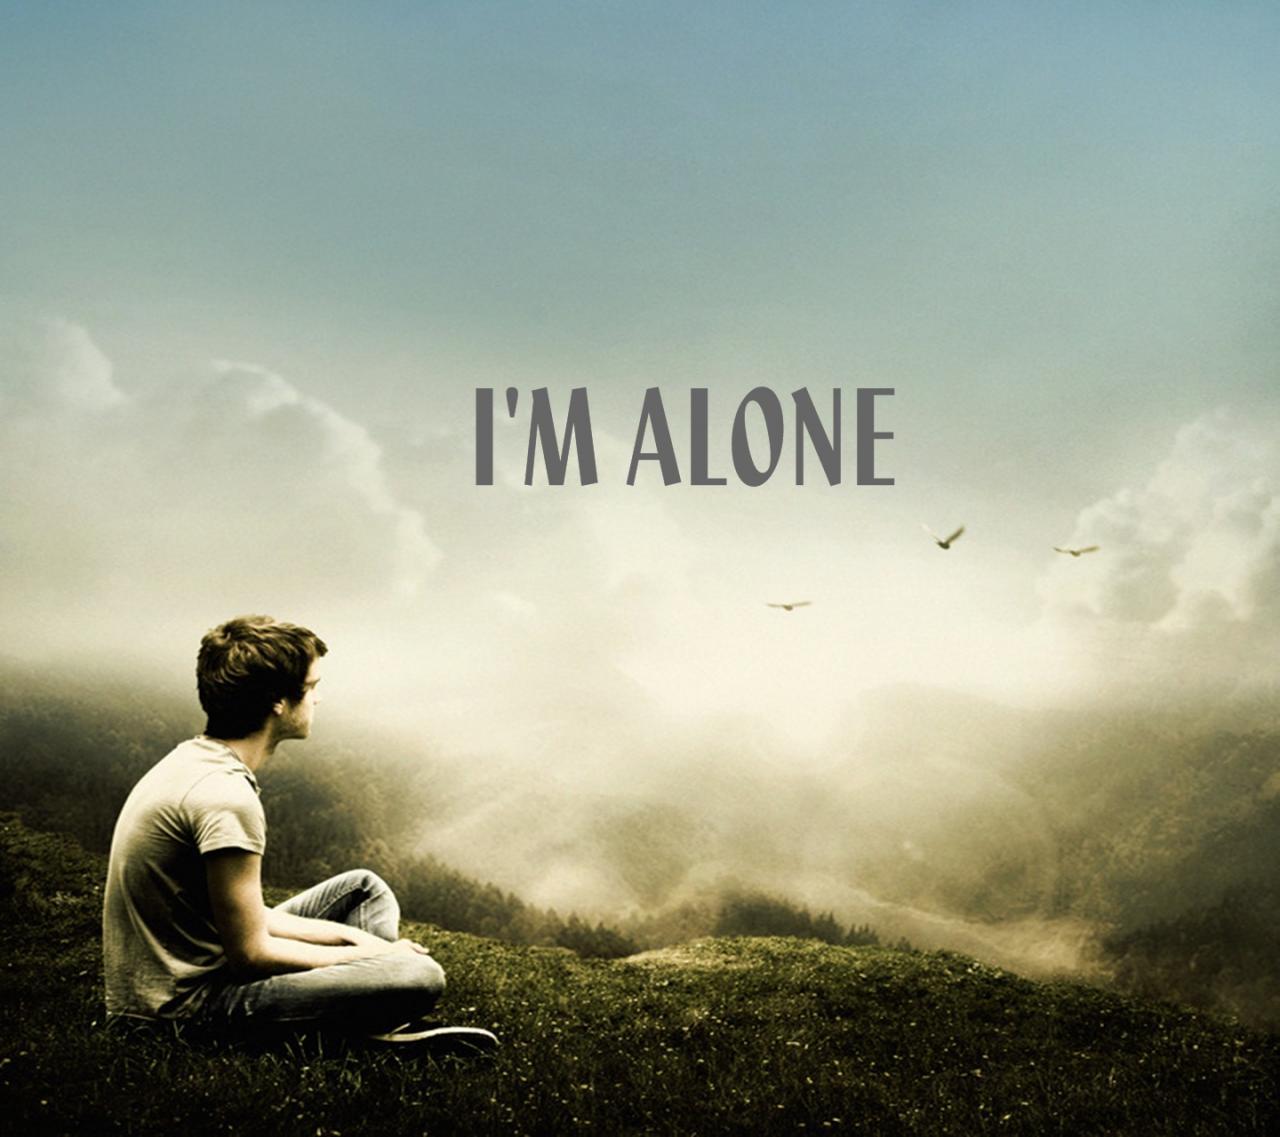 أنا وحيد